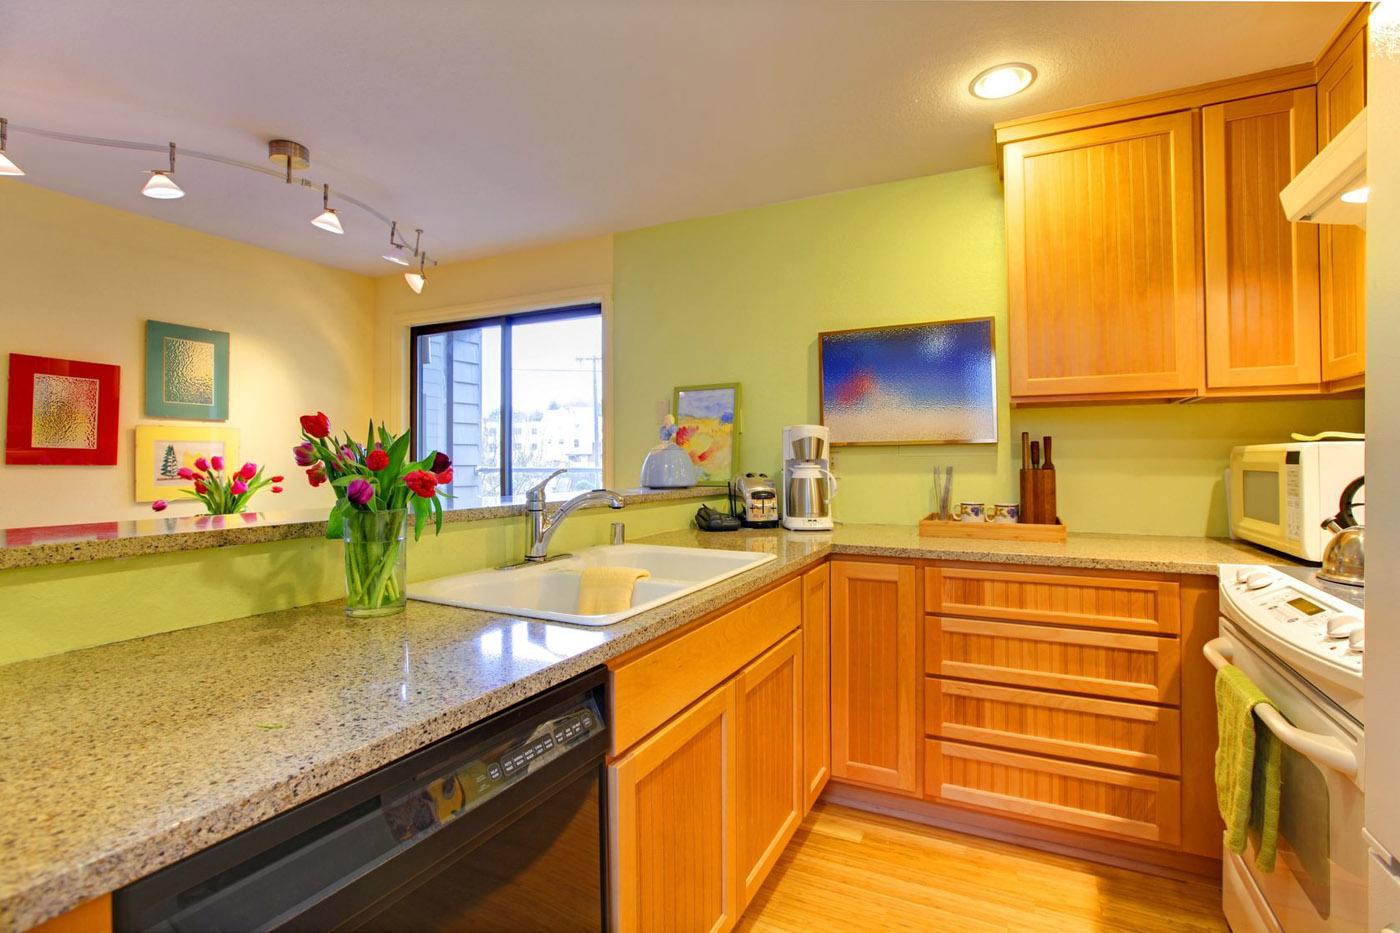 Landscape management commercial landscaping environmental design edlnc - Suitable colors kitchen energy ...